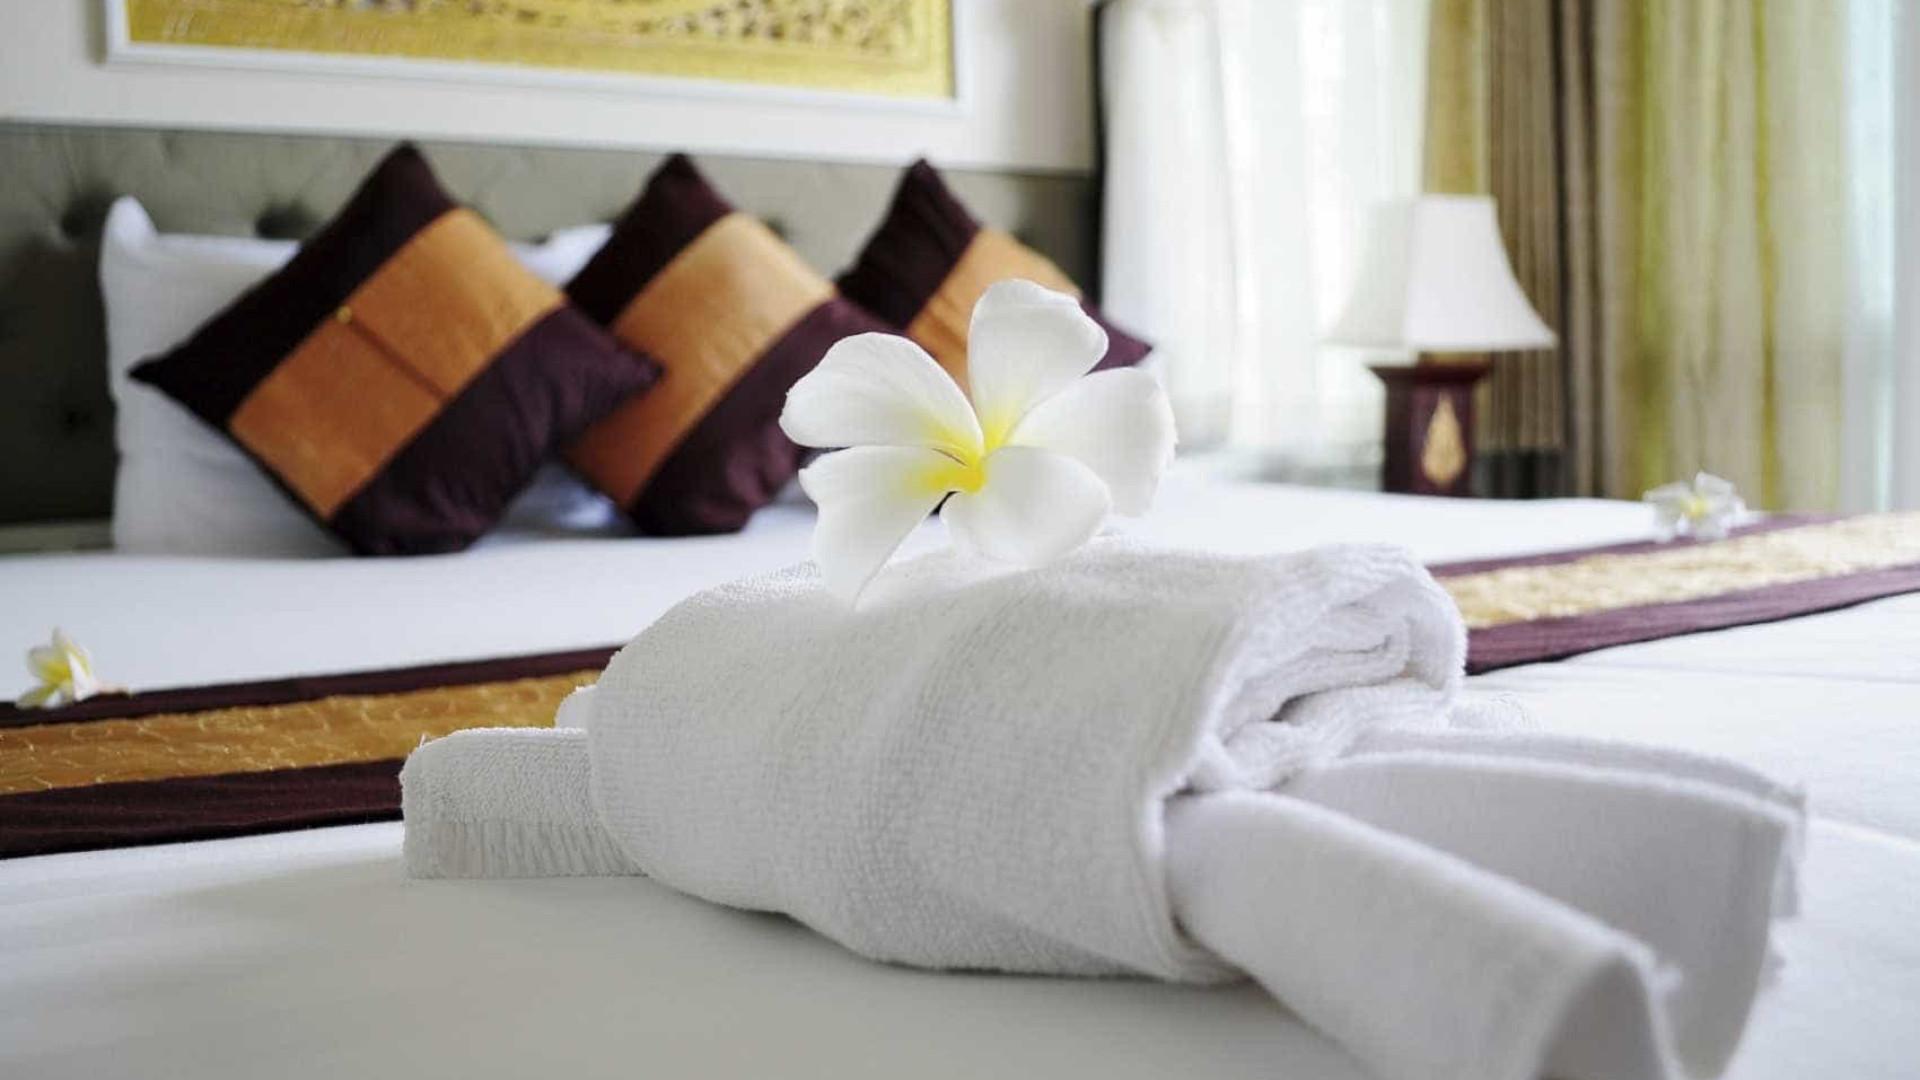 Hotelaria cresce em setembro impulsionada por não residentes